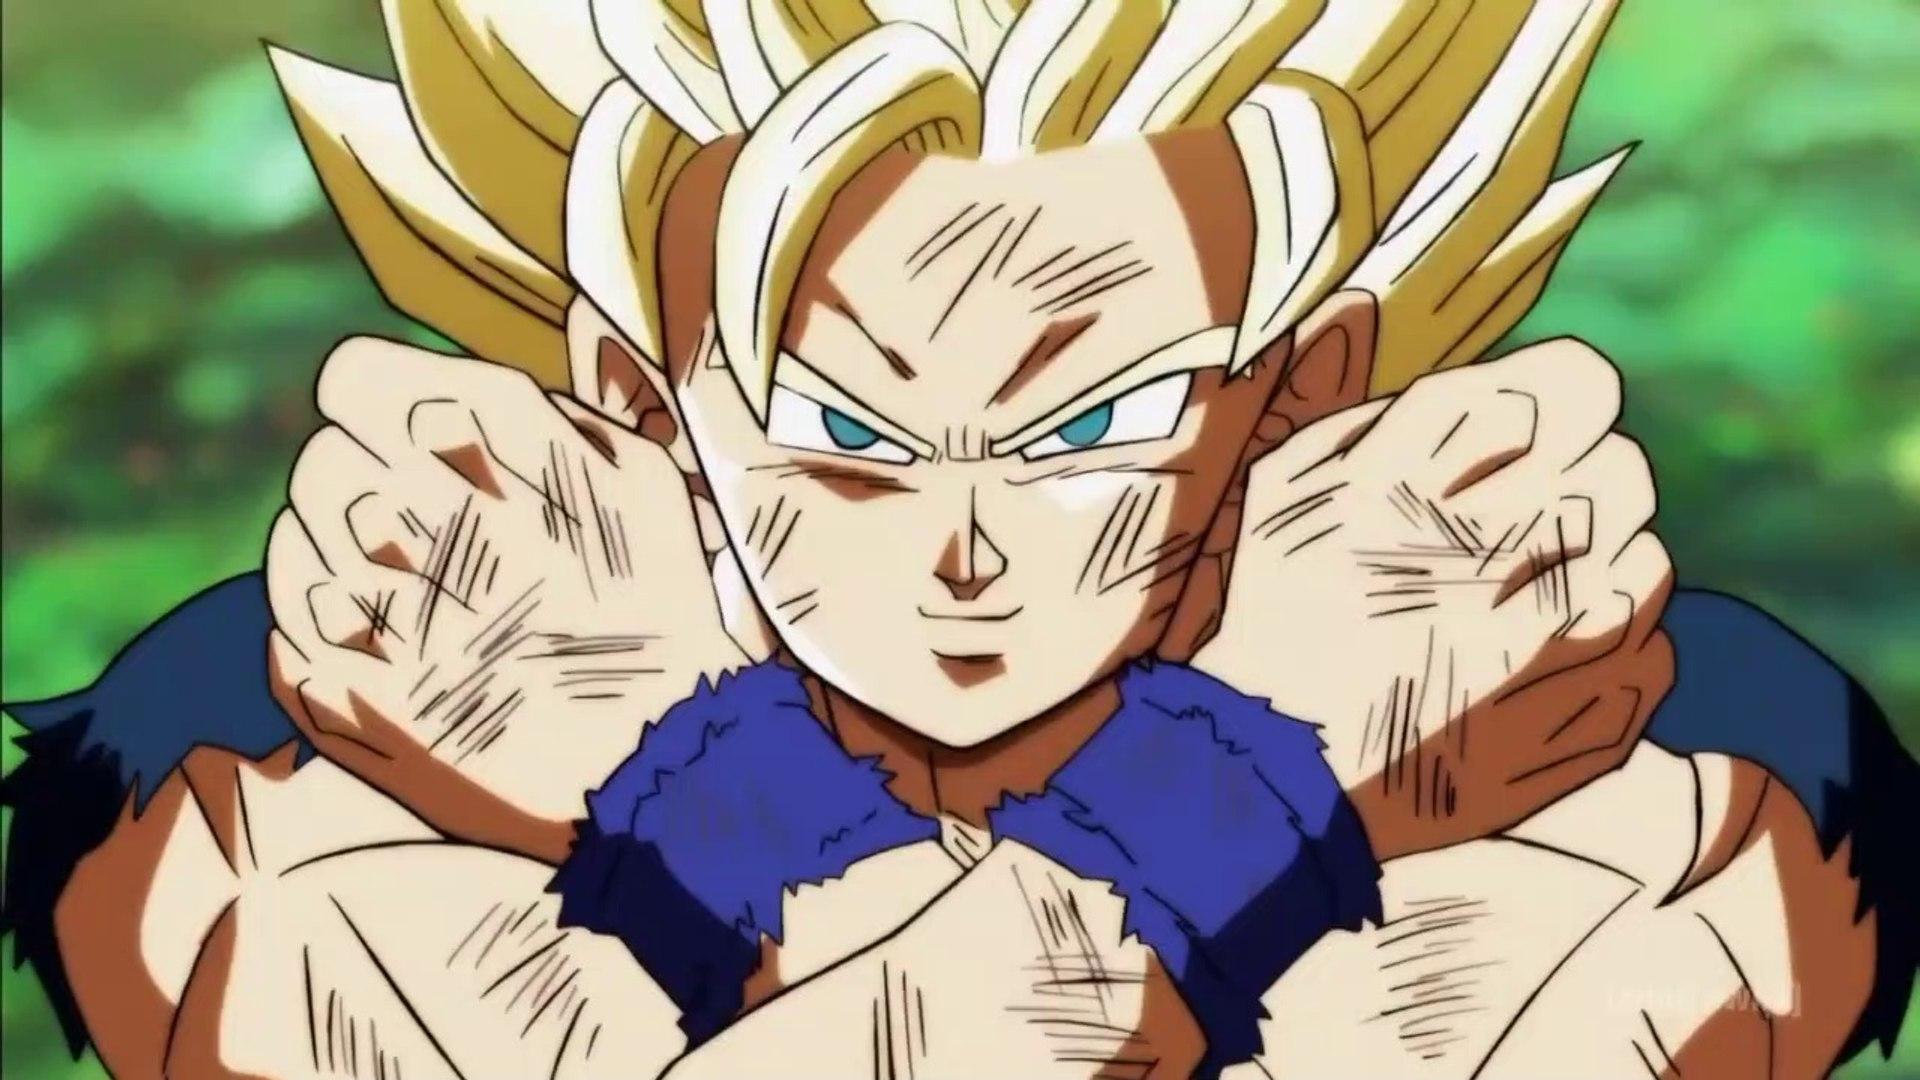 Goku Turn Into Super Saiyan 3 In Tournament Of Power Goku Vs